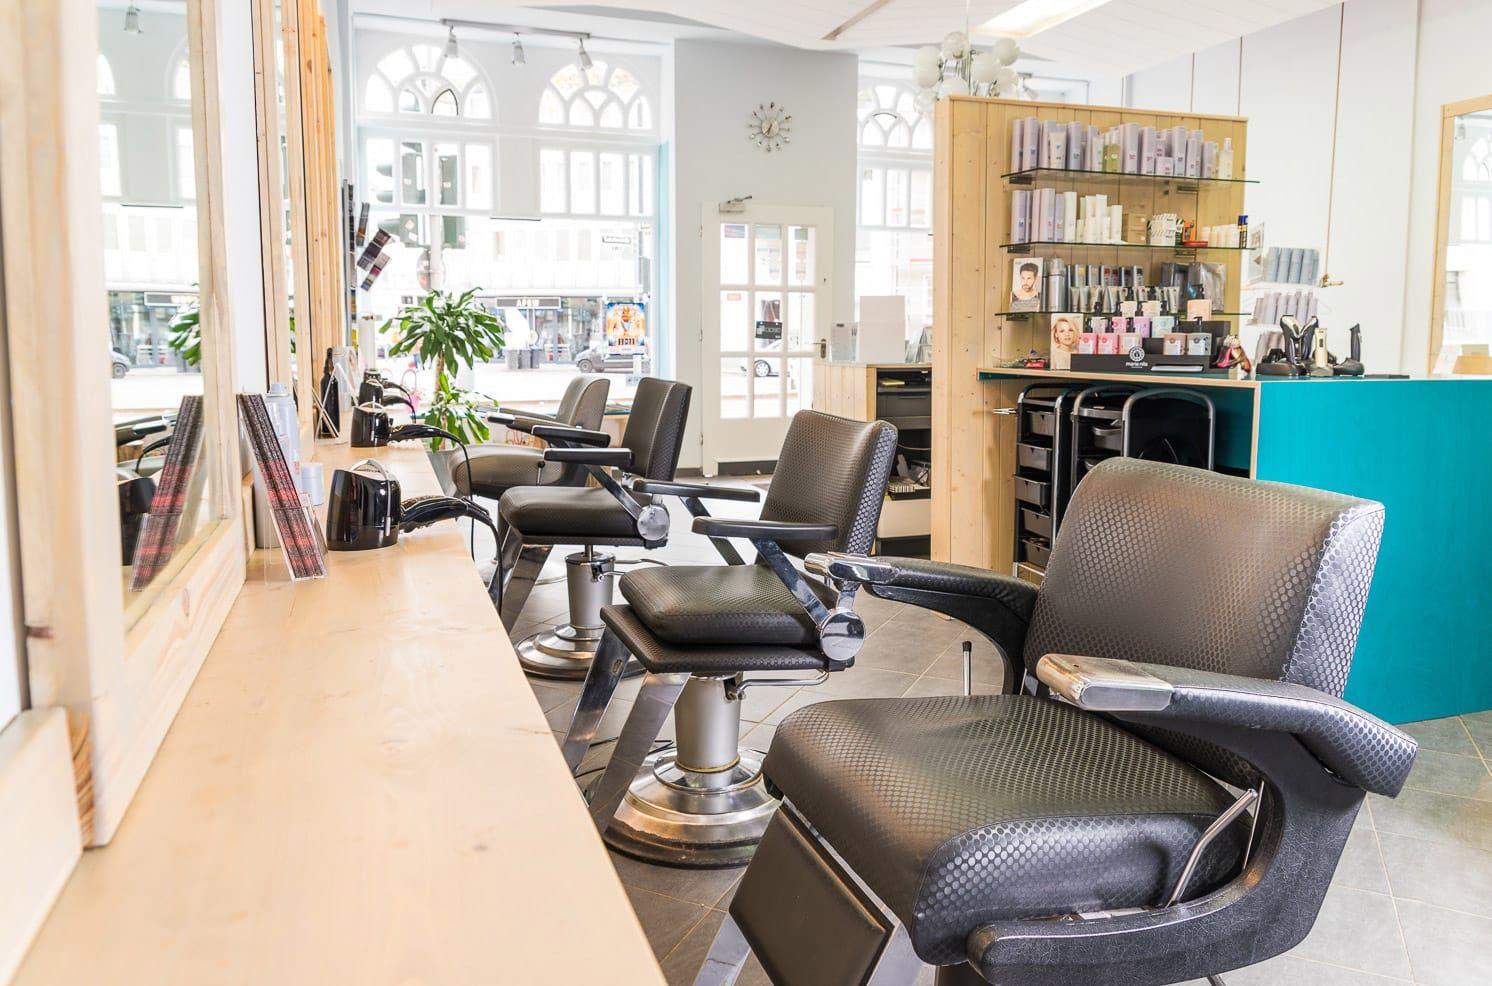 Die Beleuchtung In Diesem Haarstudio Ist Erstaunlich Das Wurde Einem Friseur Wirklich Helfen Seinen Job Zu Machen Mit Bildern Innenarchitektur Schnittchen Architektur